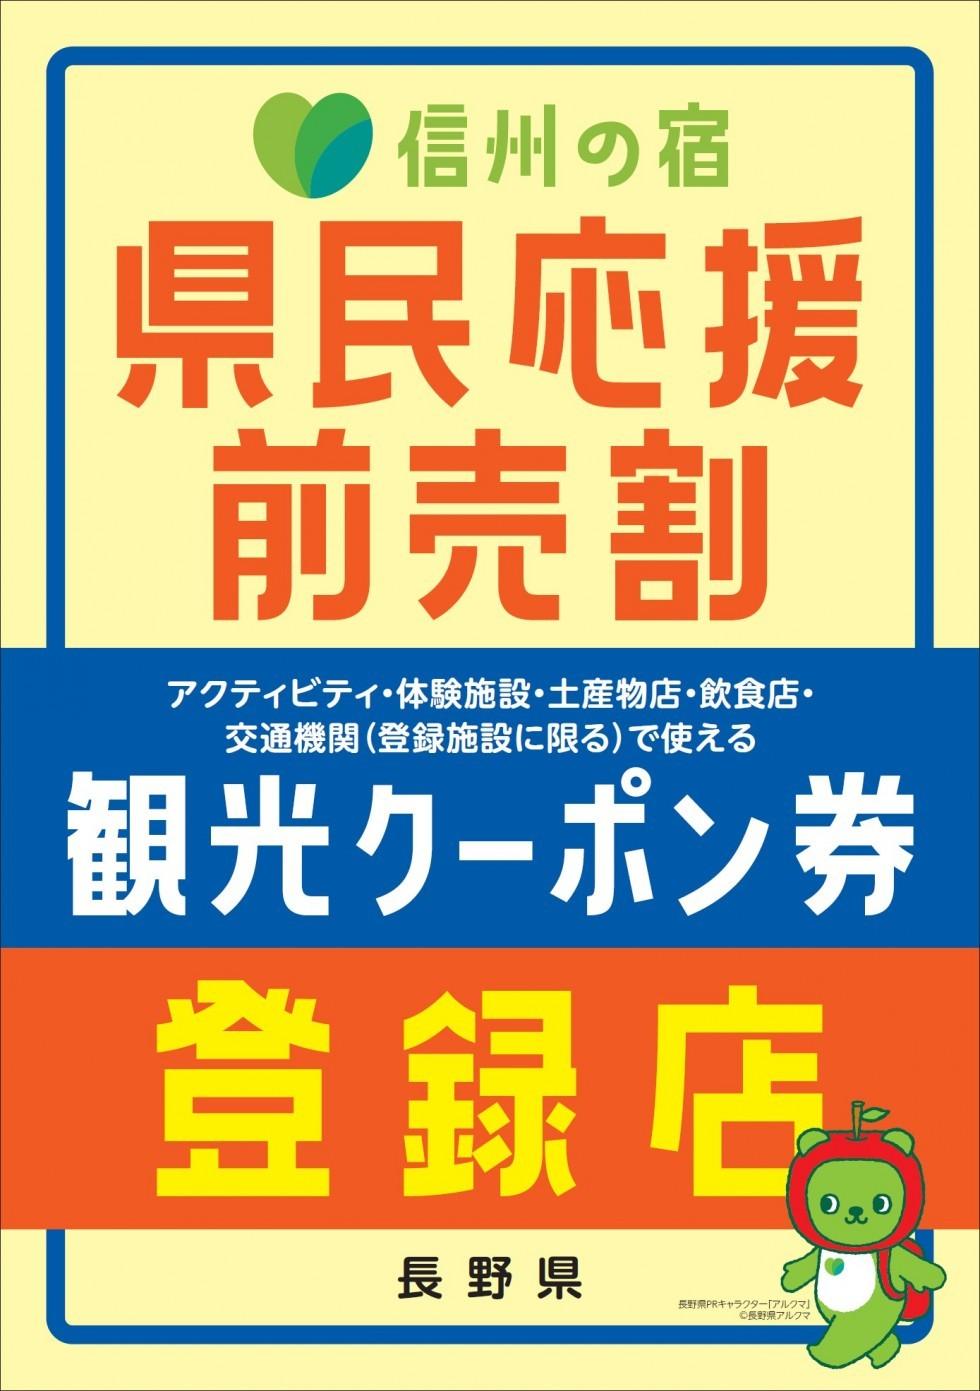 長野県「信州の宿 県民応援前売割 観光クーポン券」の対象店舗について